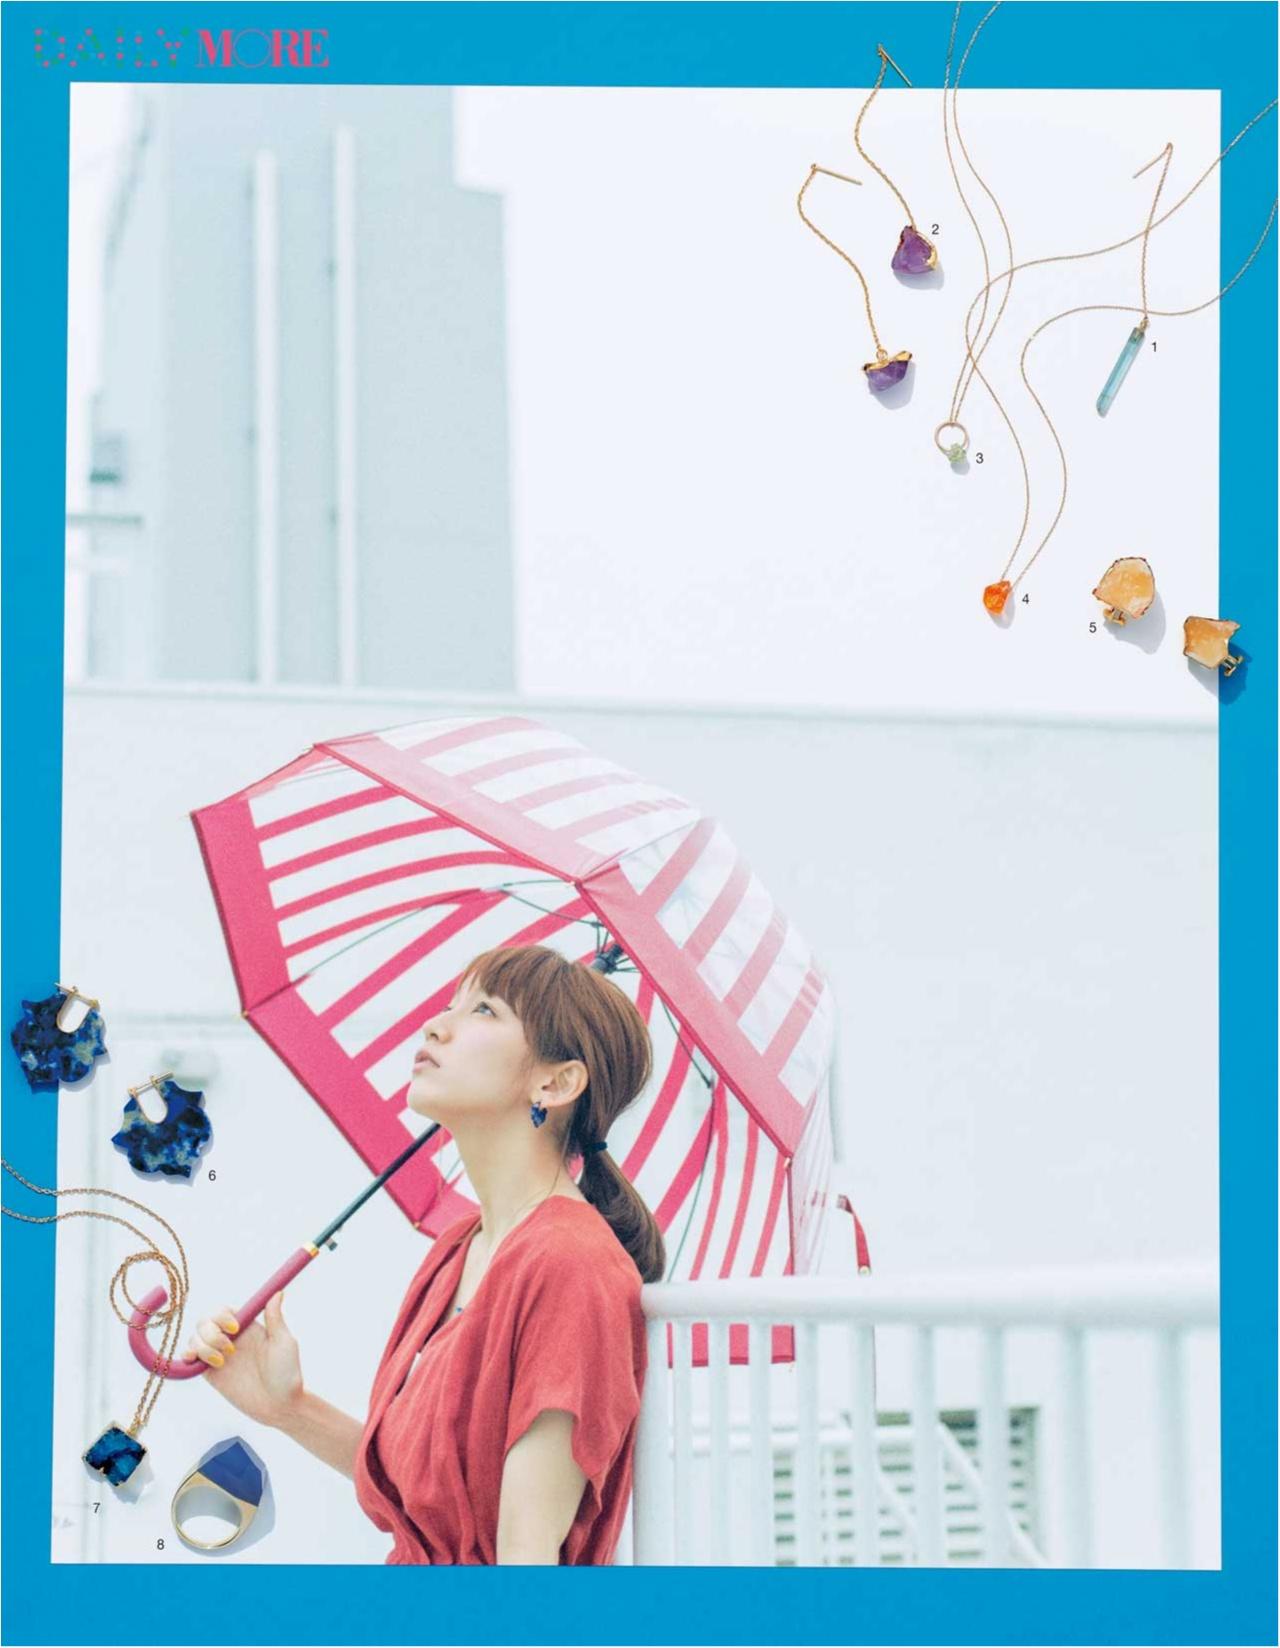 【女優・吉岡里帆のおしゃれストーリー】色石アクセサリーをつけた日は、なんだかいいことが起こりそう。_3